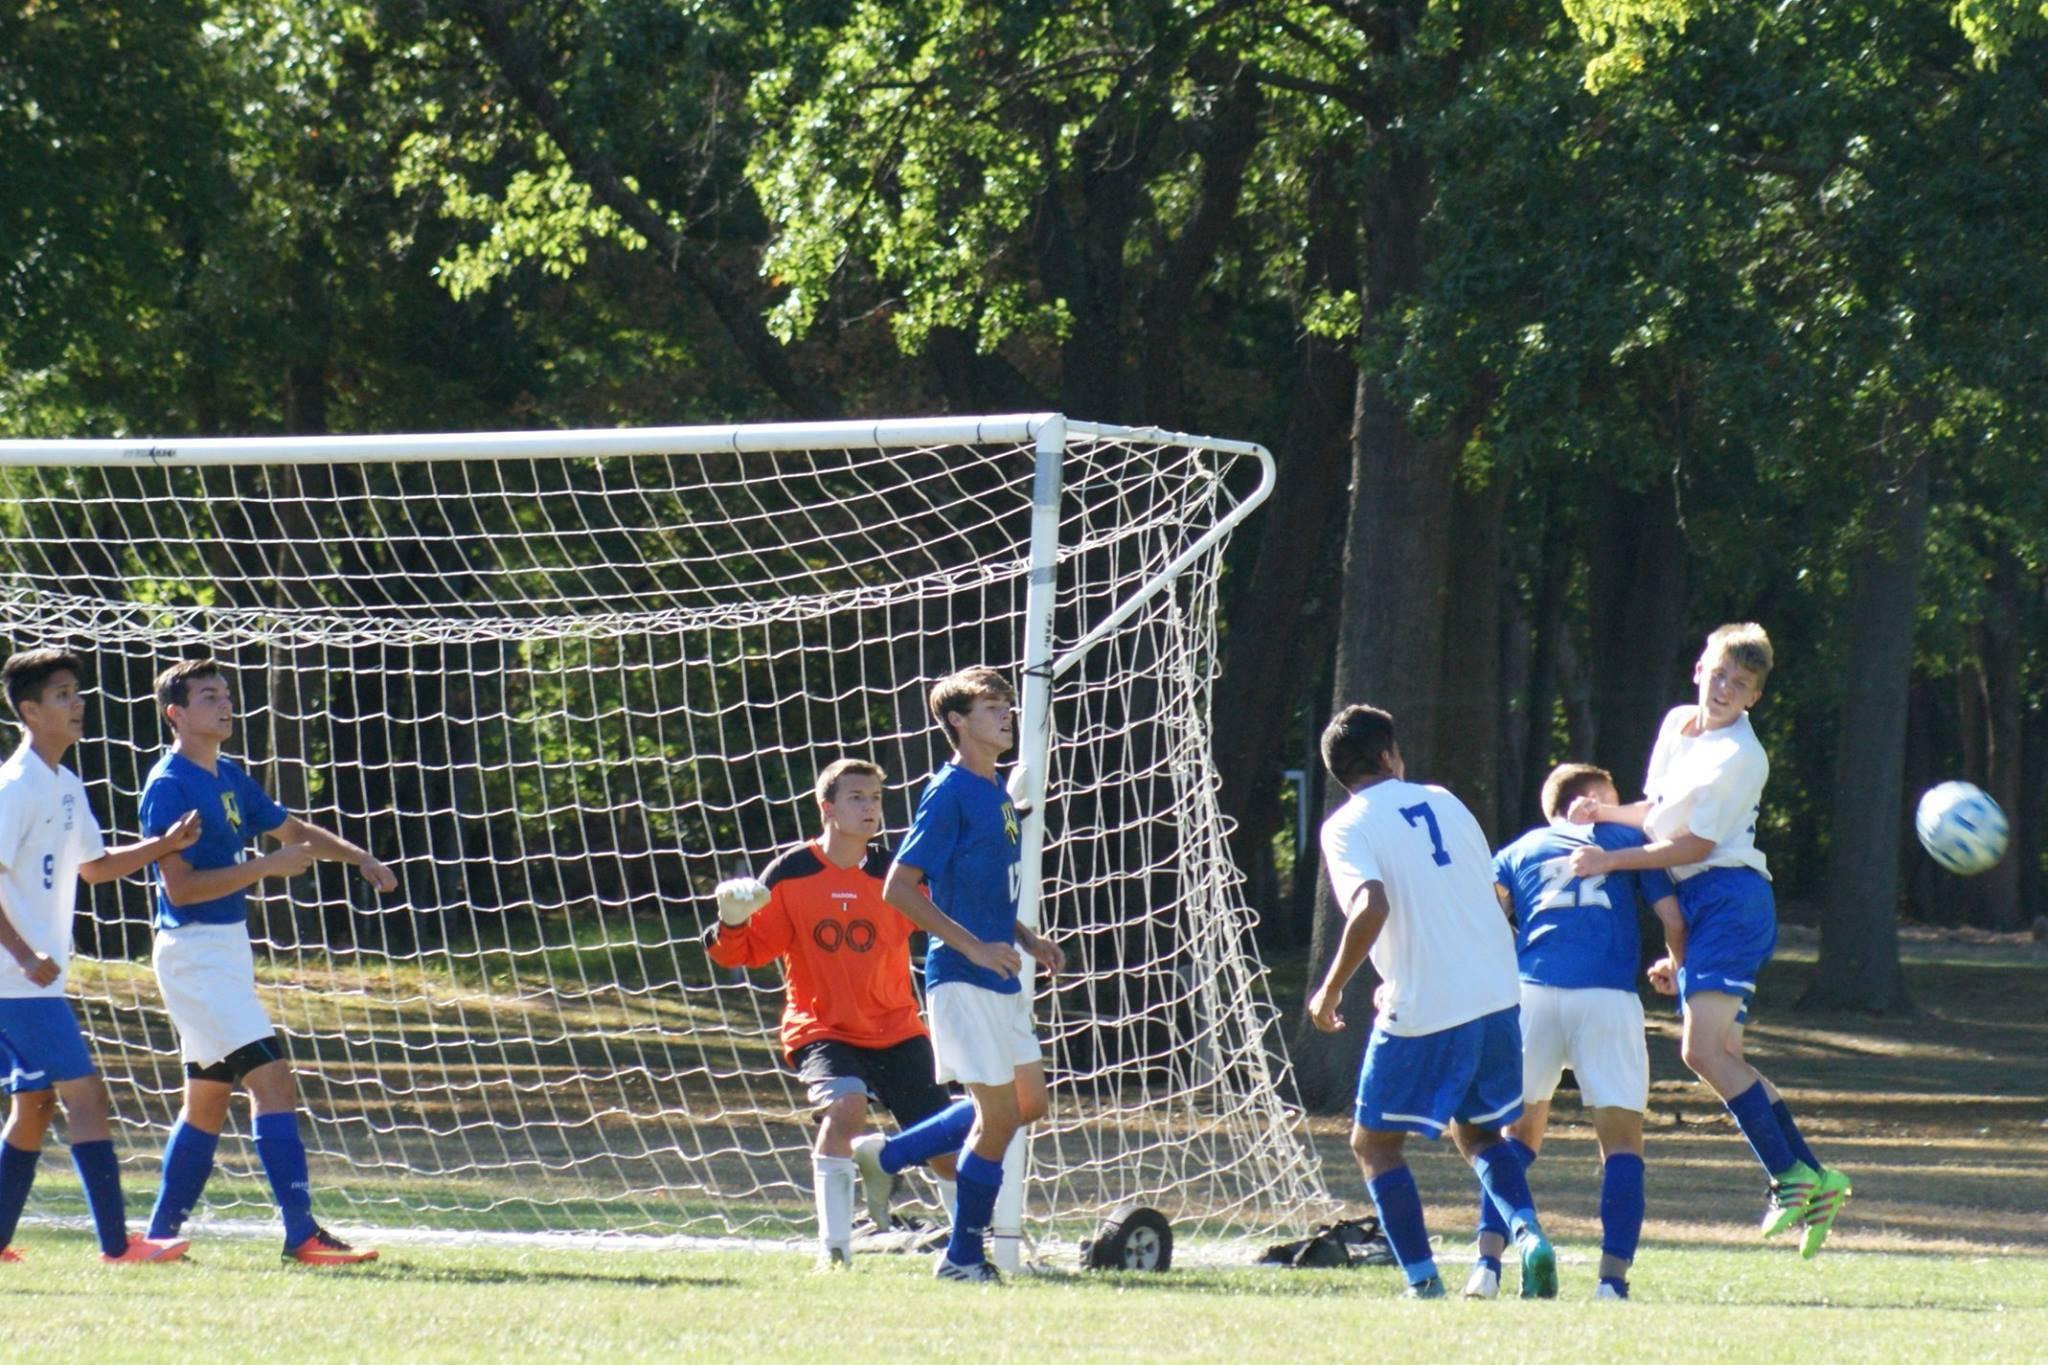 1181311c87fdbad8d49f_soccer.jpg